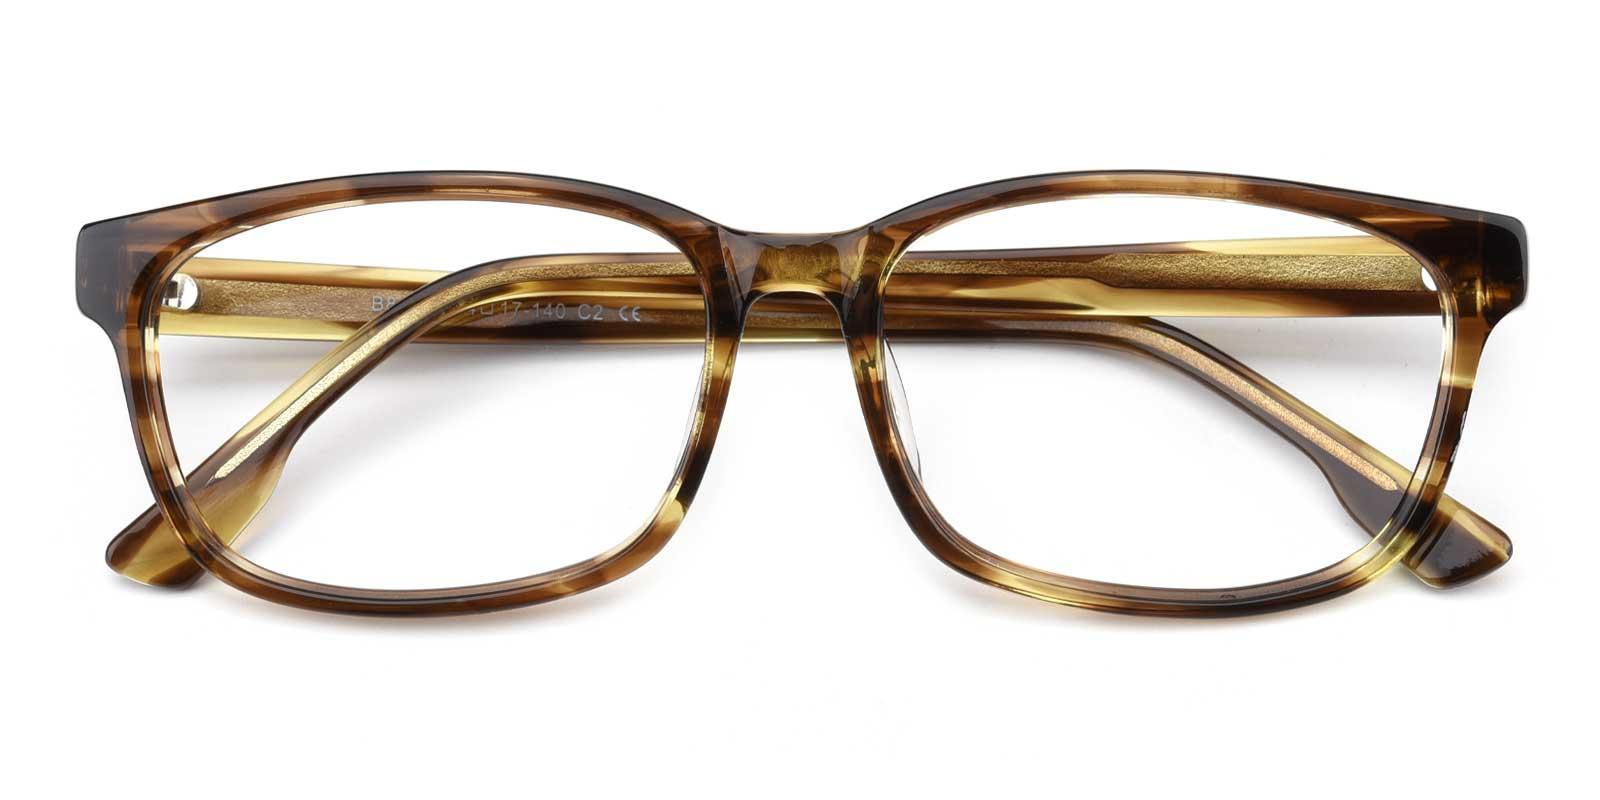 Marina-Tortoise-Rectangle-TR-Eyeglasses-detail